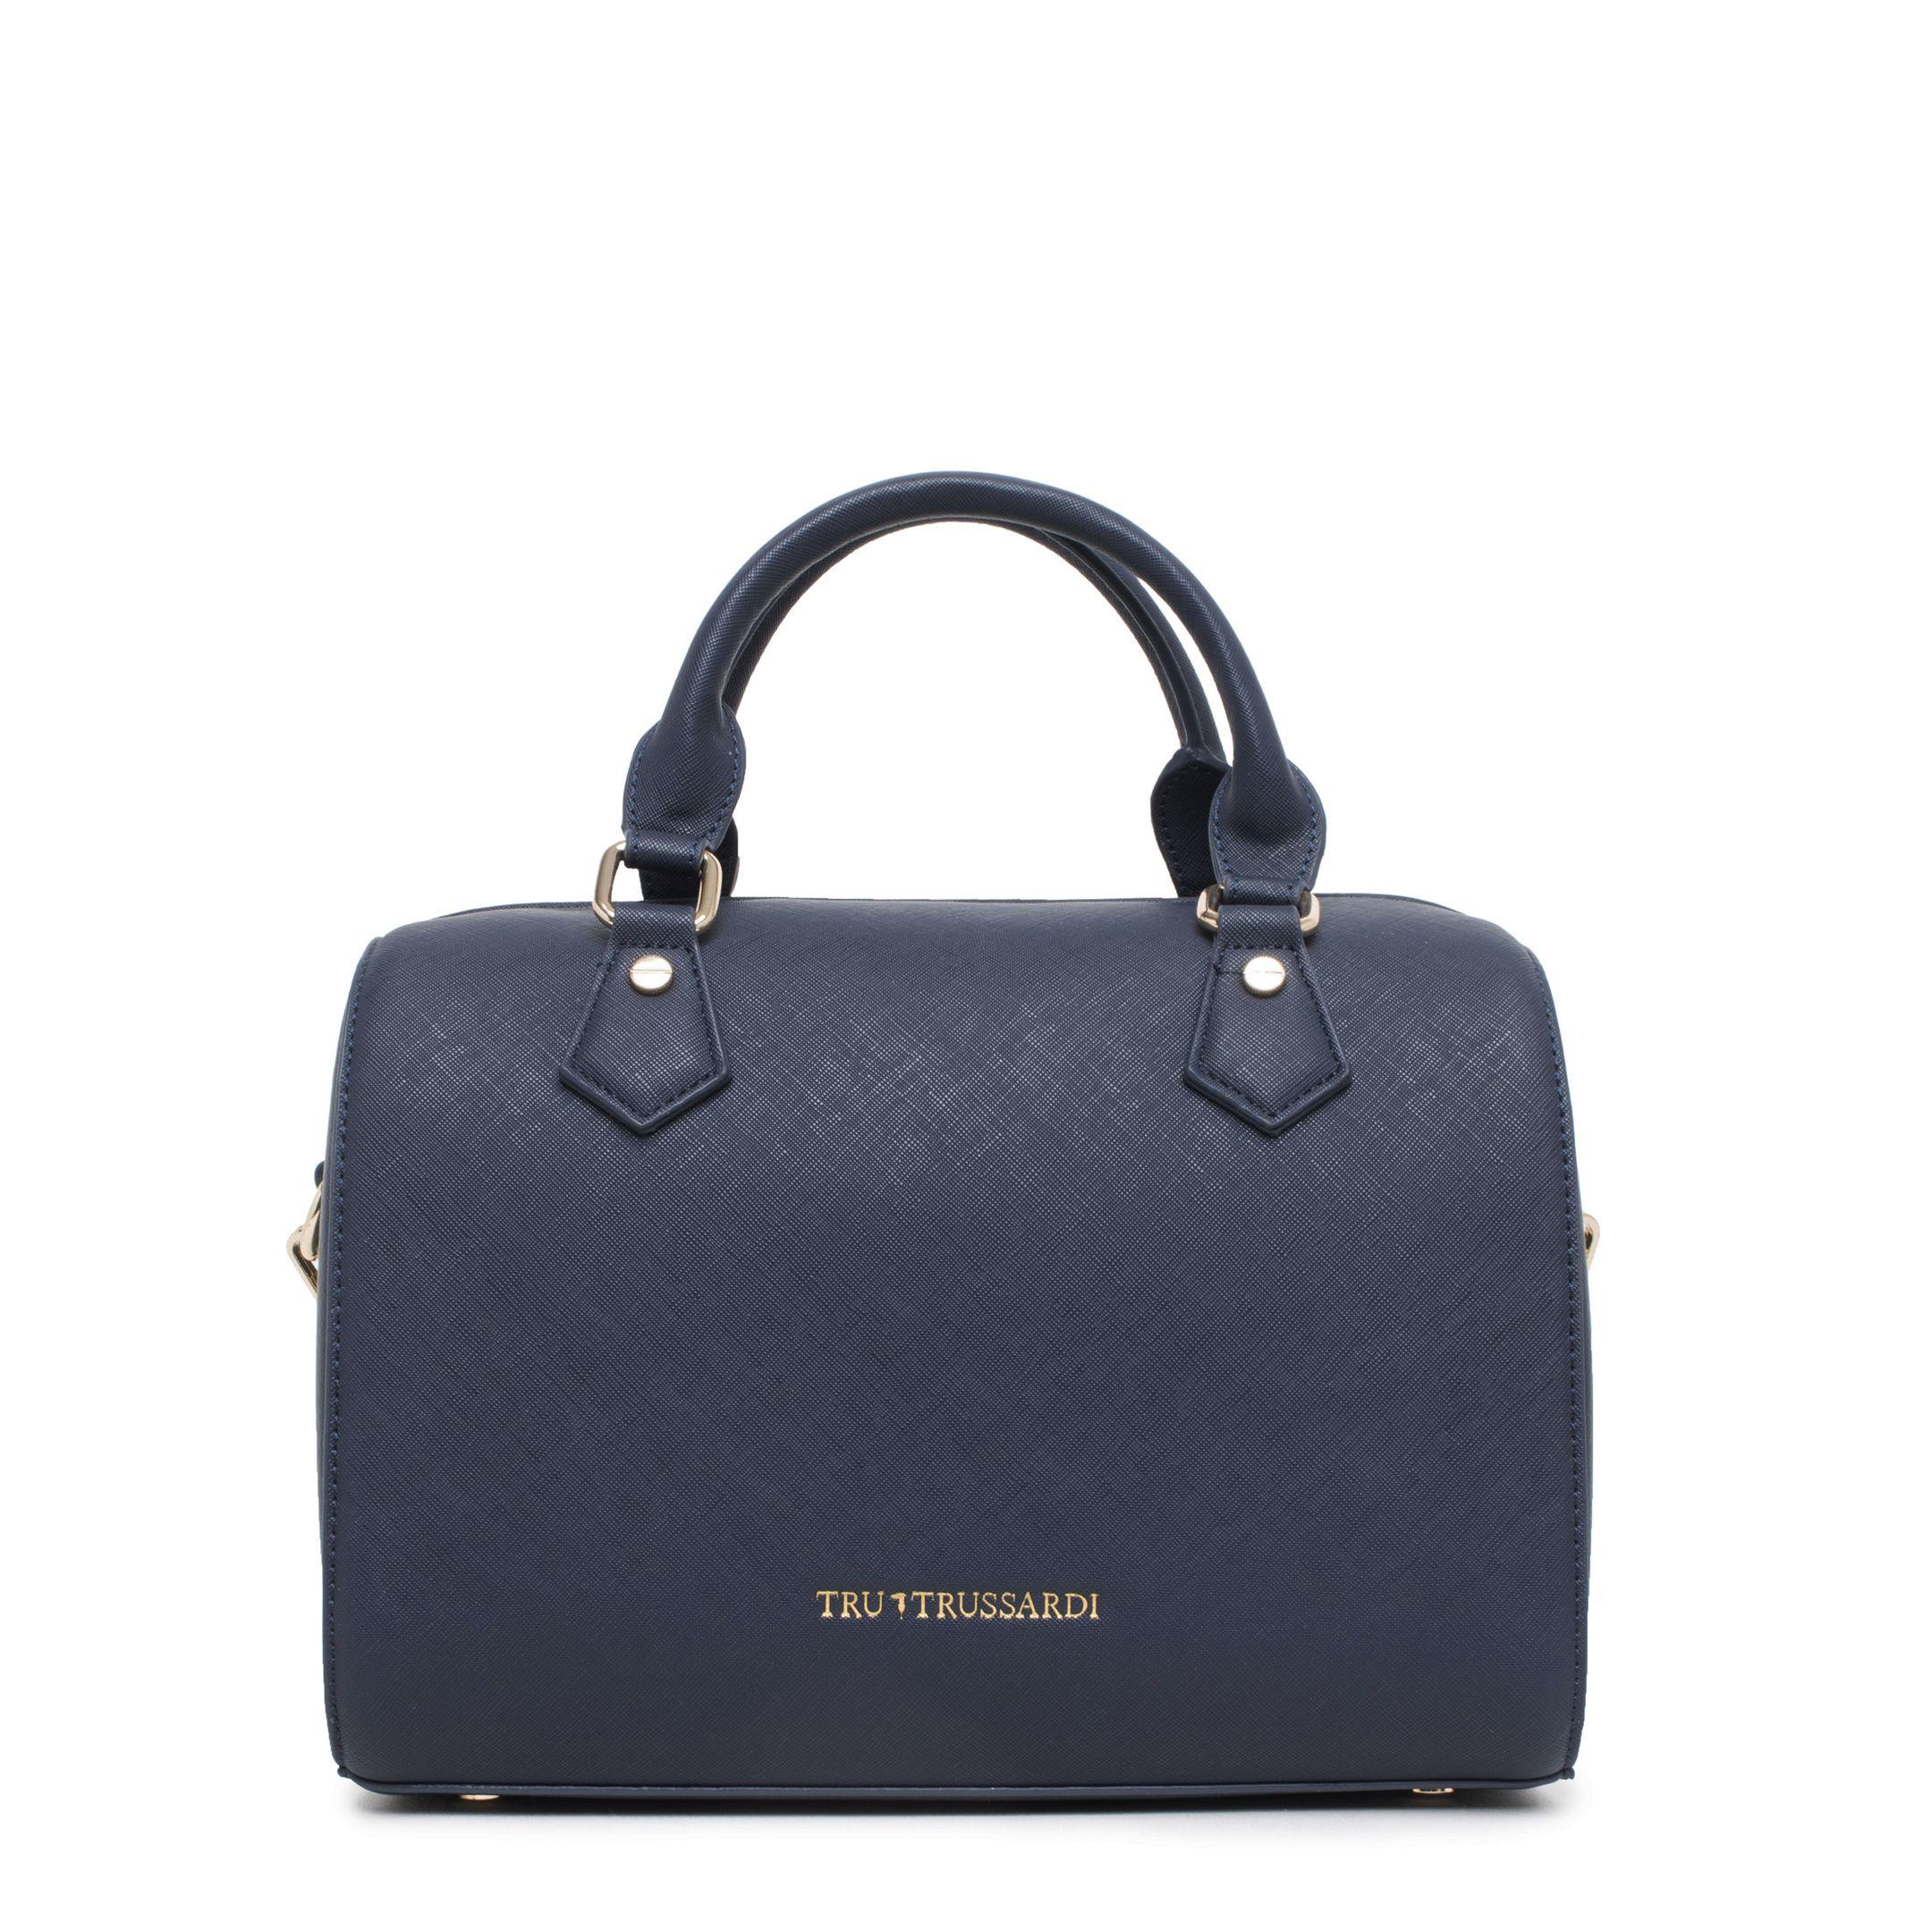 Handtaschen Trussardi – 76BTRUS103 – Blau